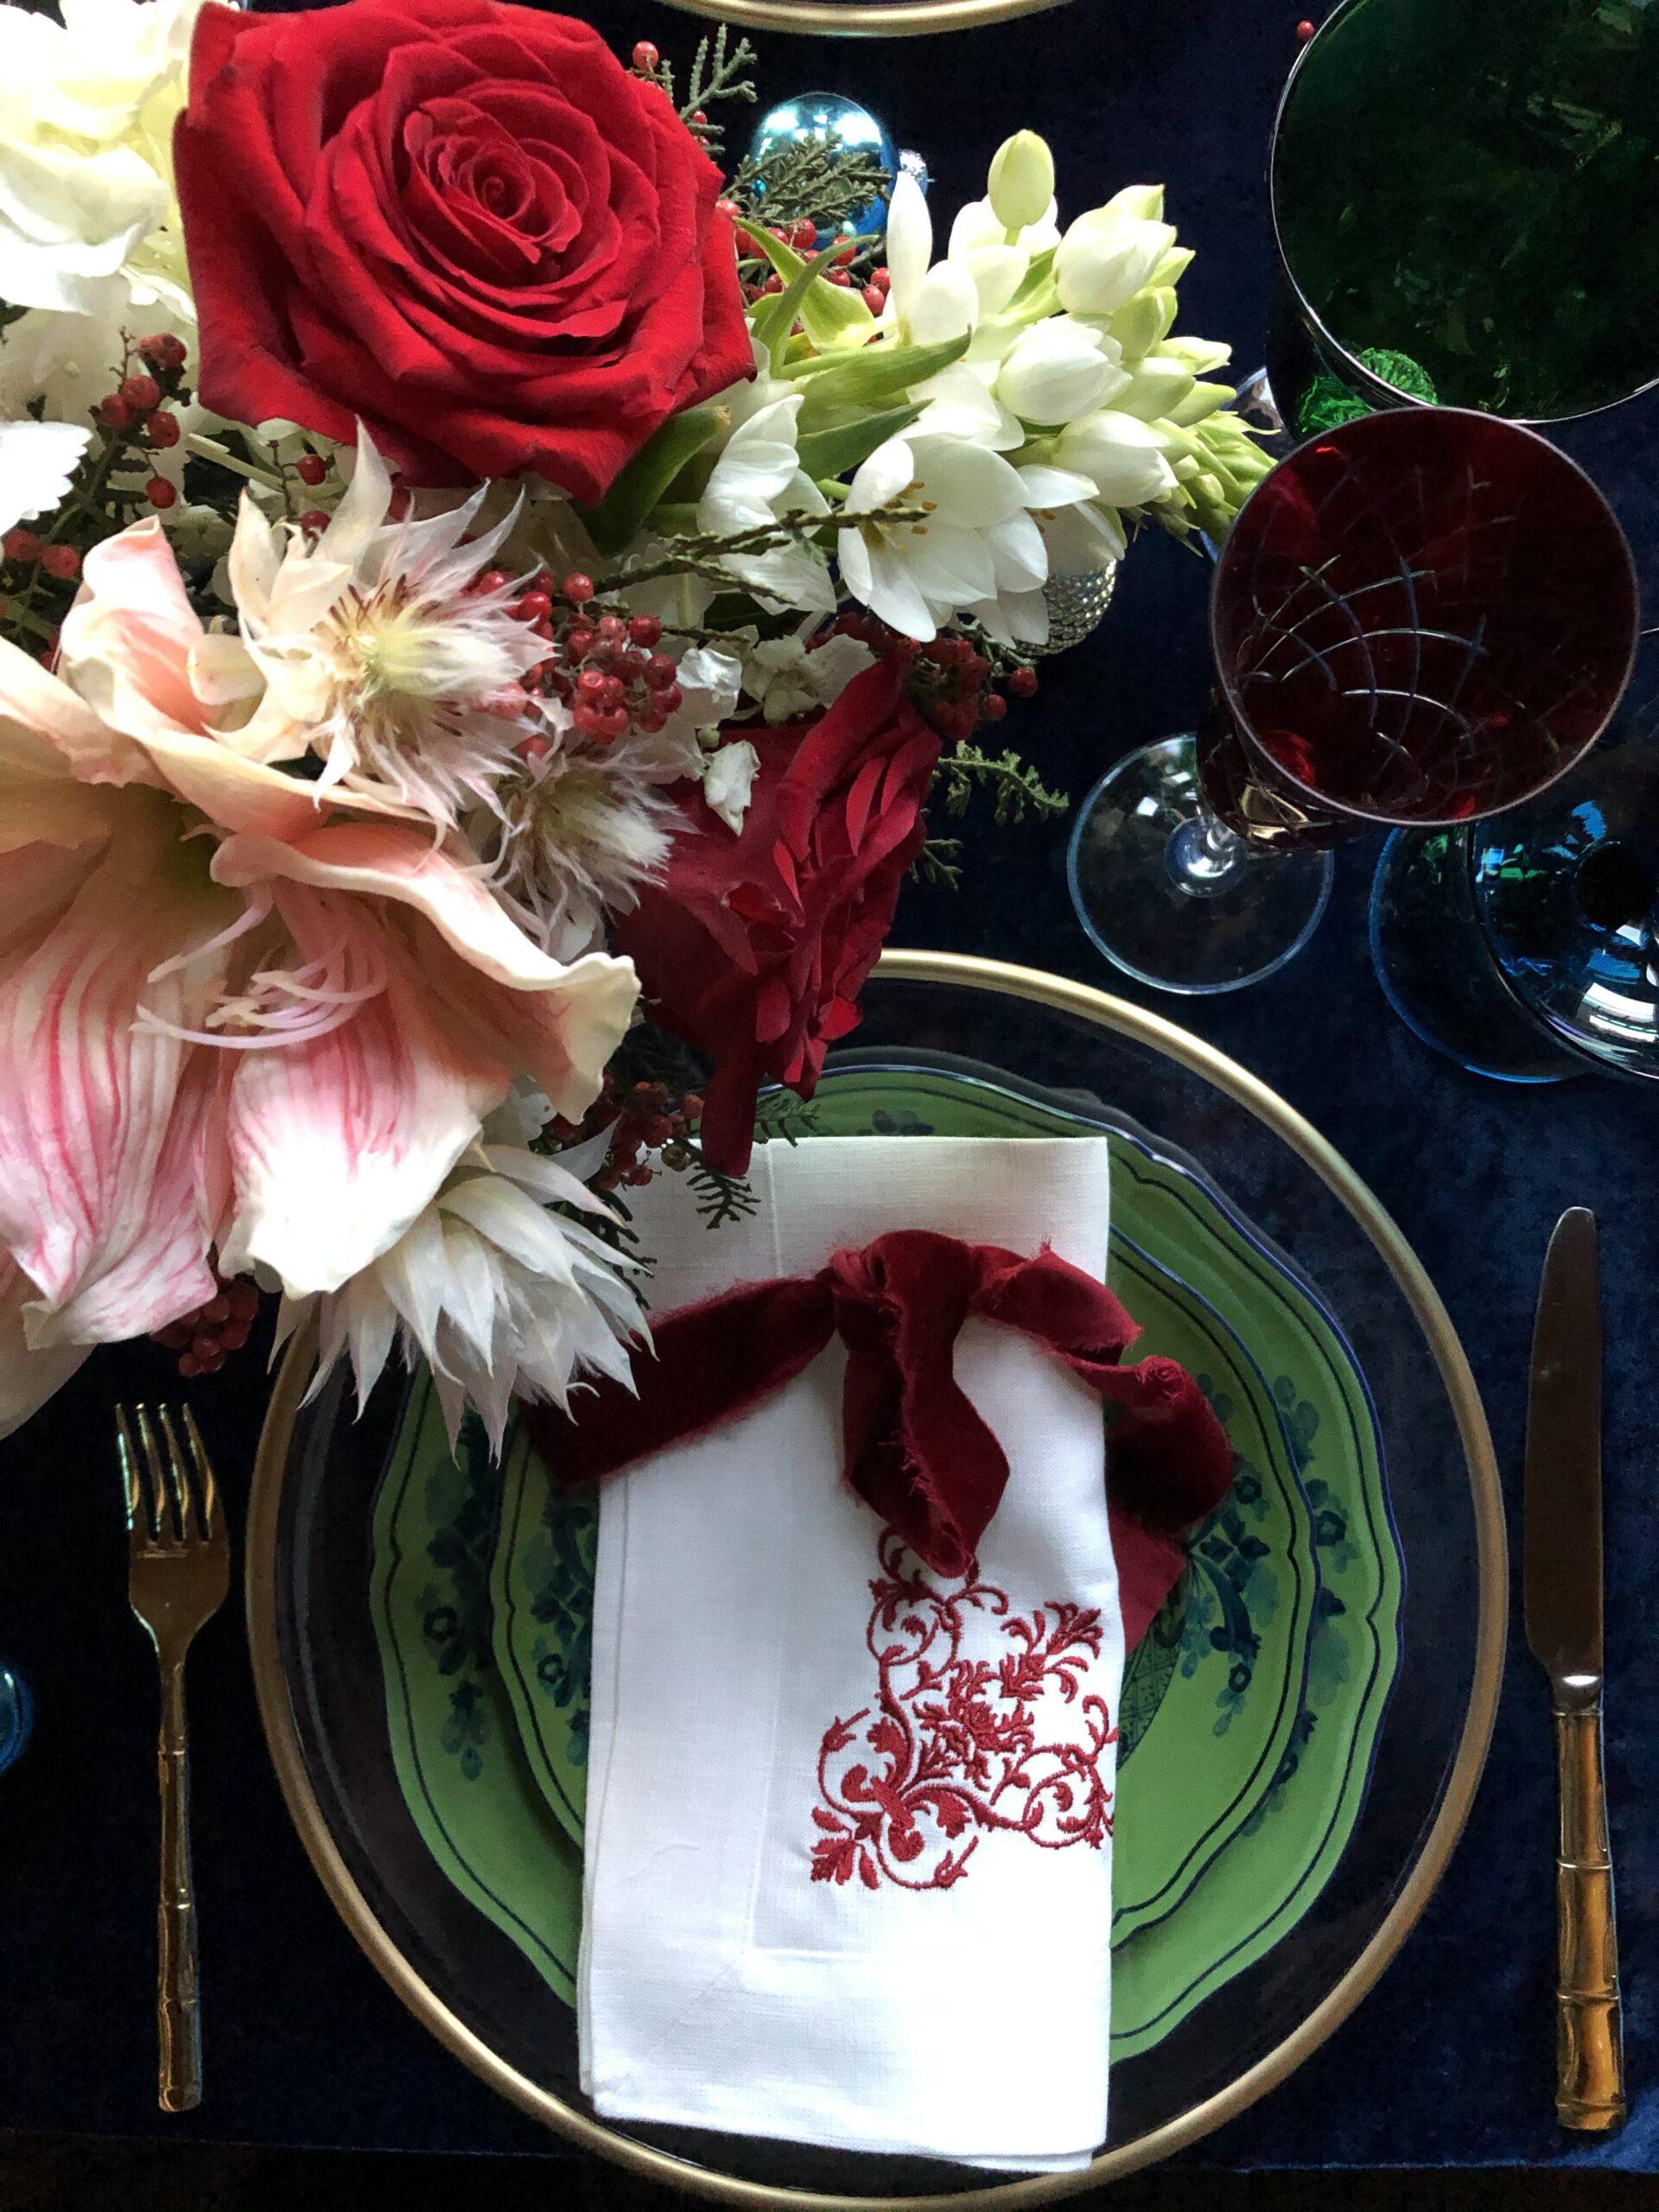 Christmas table with Richard Ginori Oriente Italiano plates